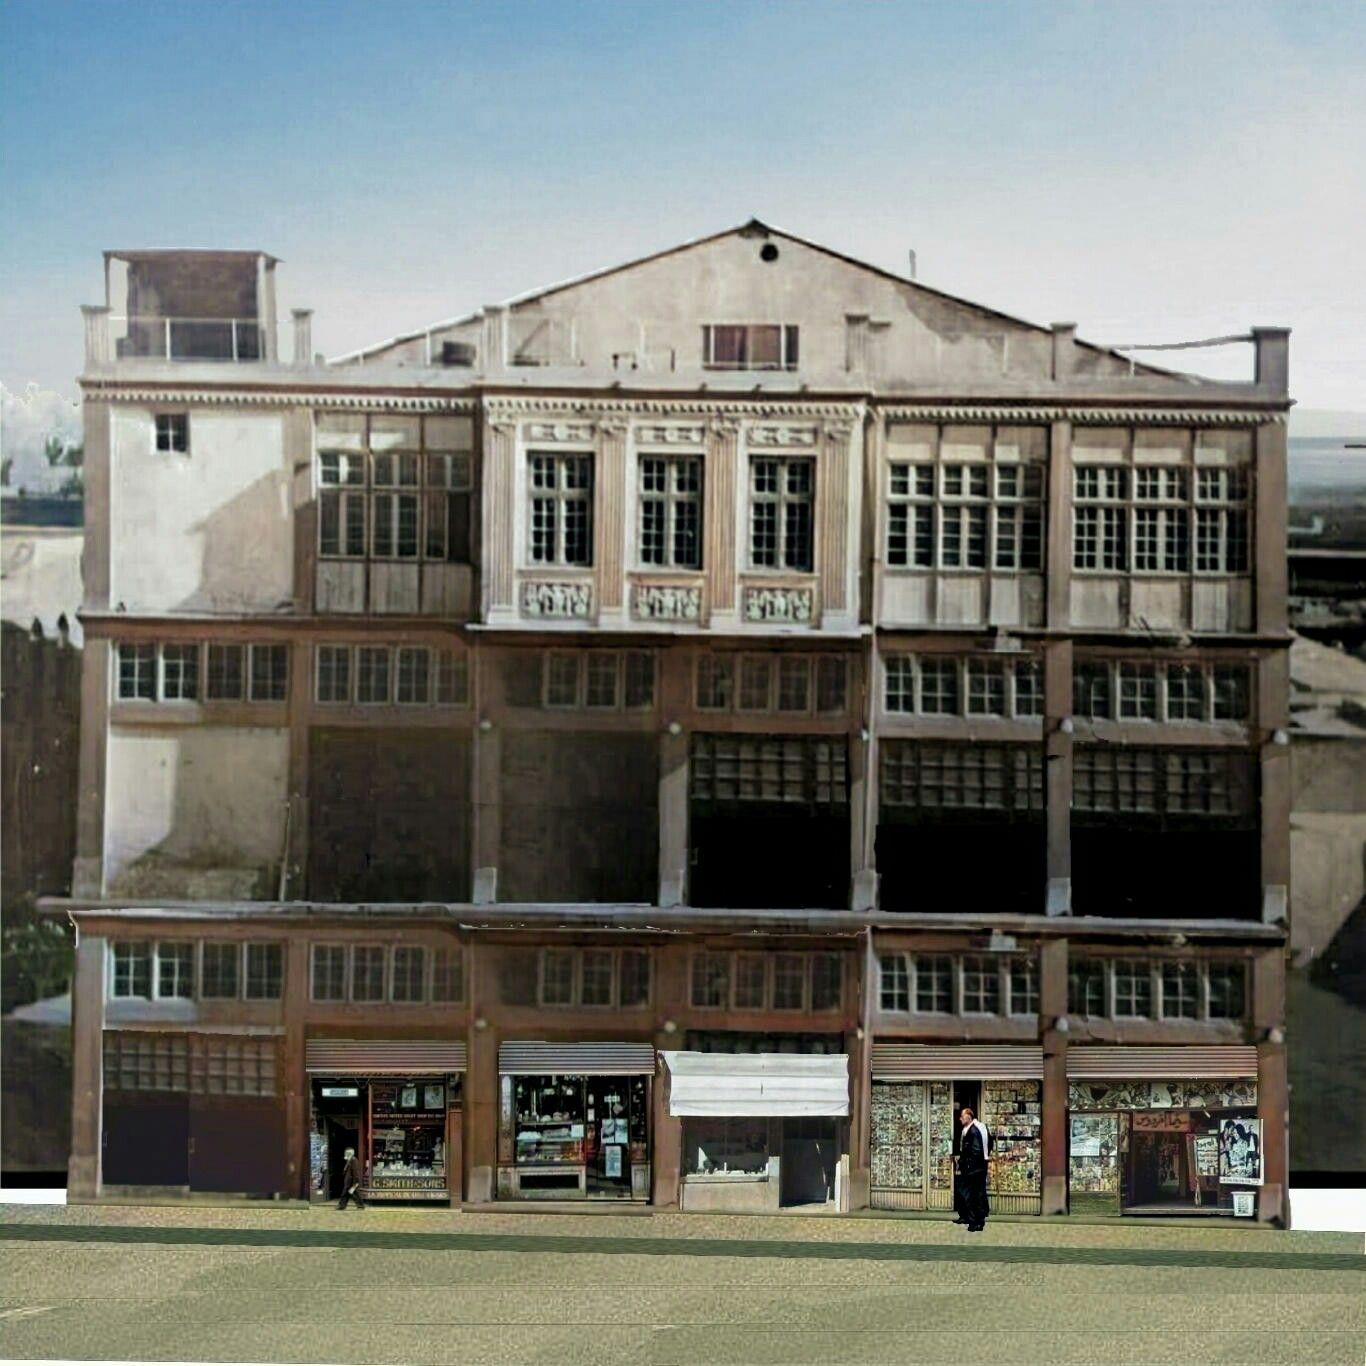 سينما الملك غازي من امام البنك الانكليزي الموصل House Styles Mansions Old Things